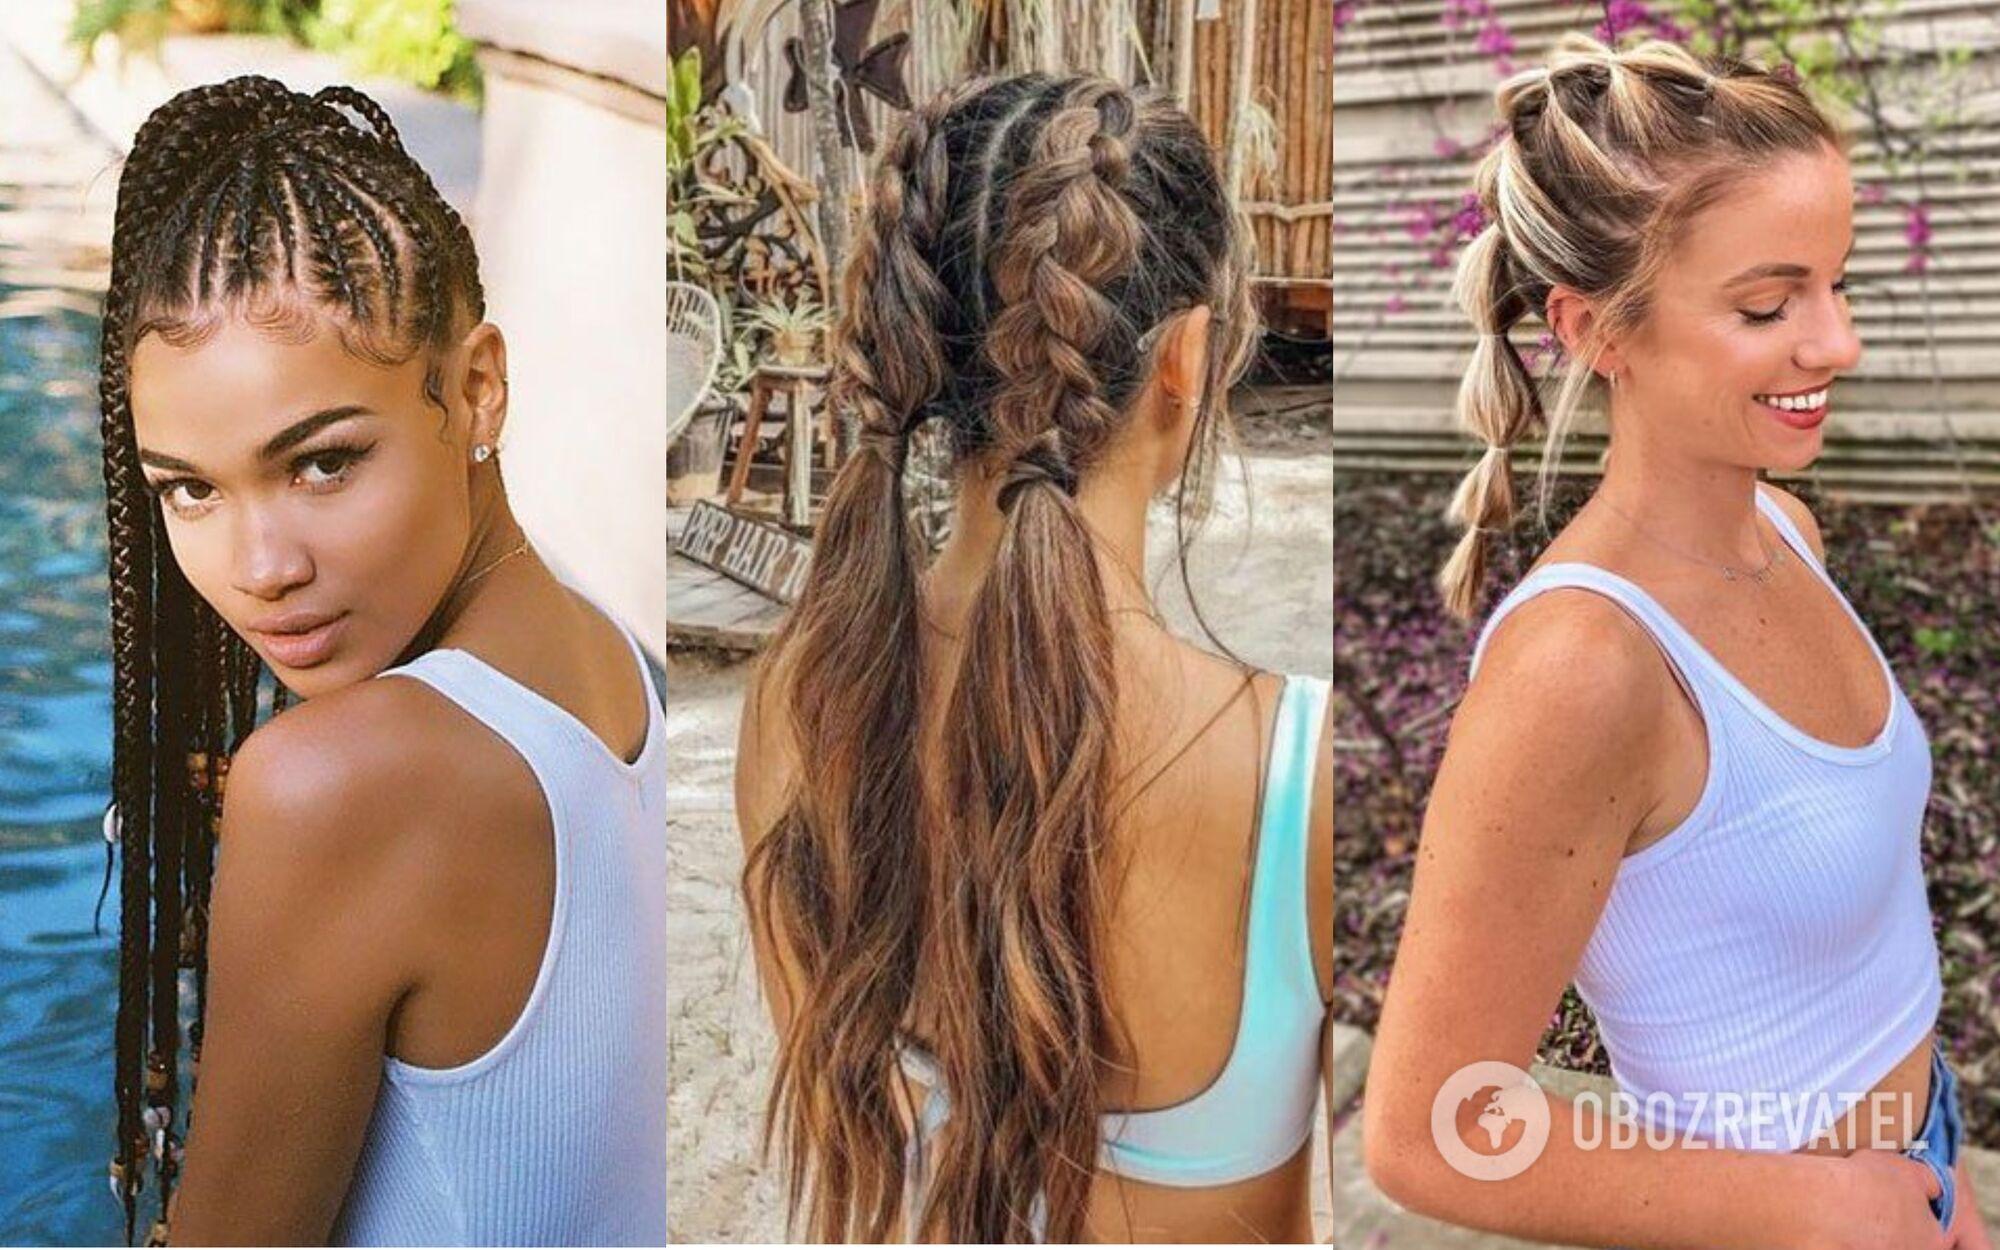 Коси – найзручніший варіант зачіски для купання